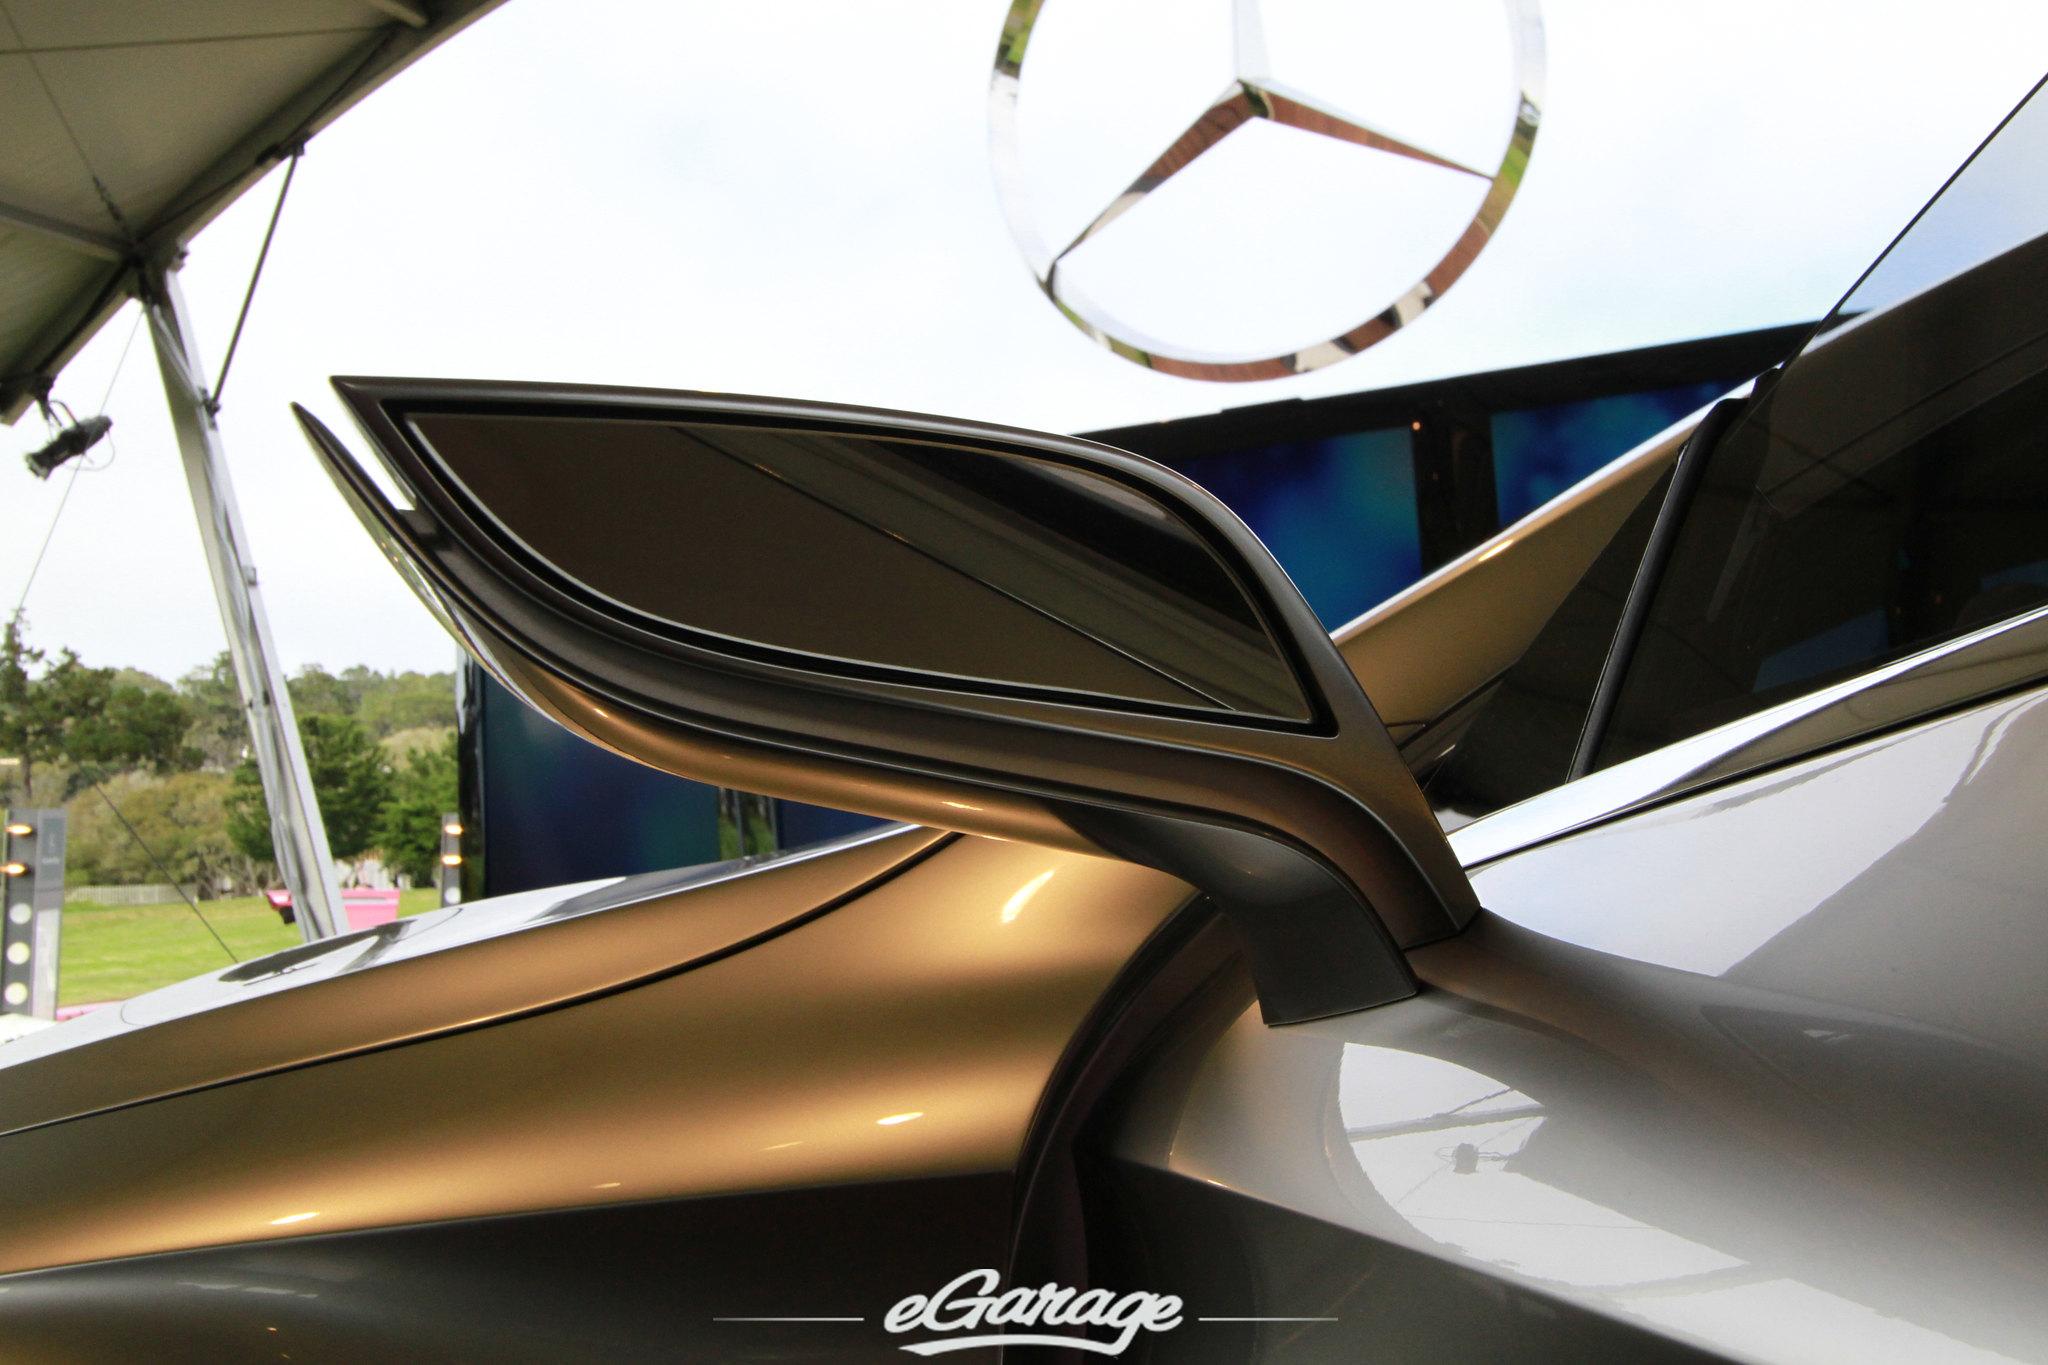 7828960674 999d91b40b k Mercedes Benz Classic